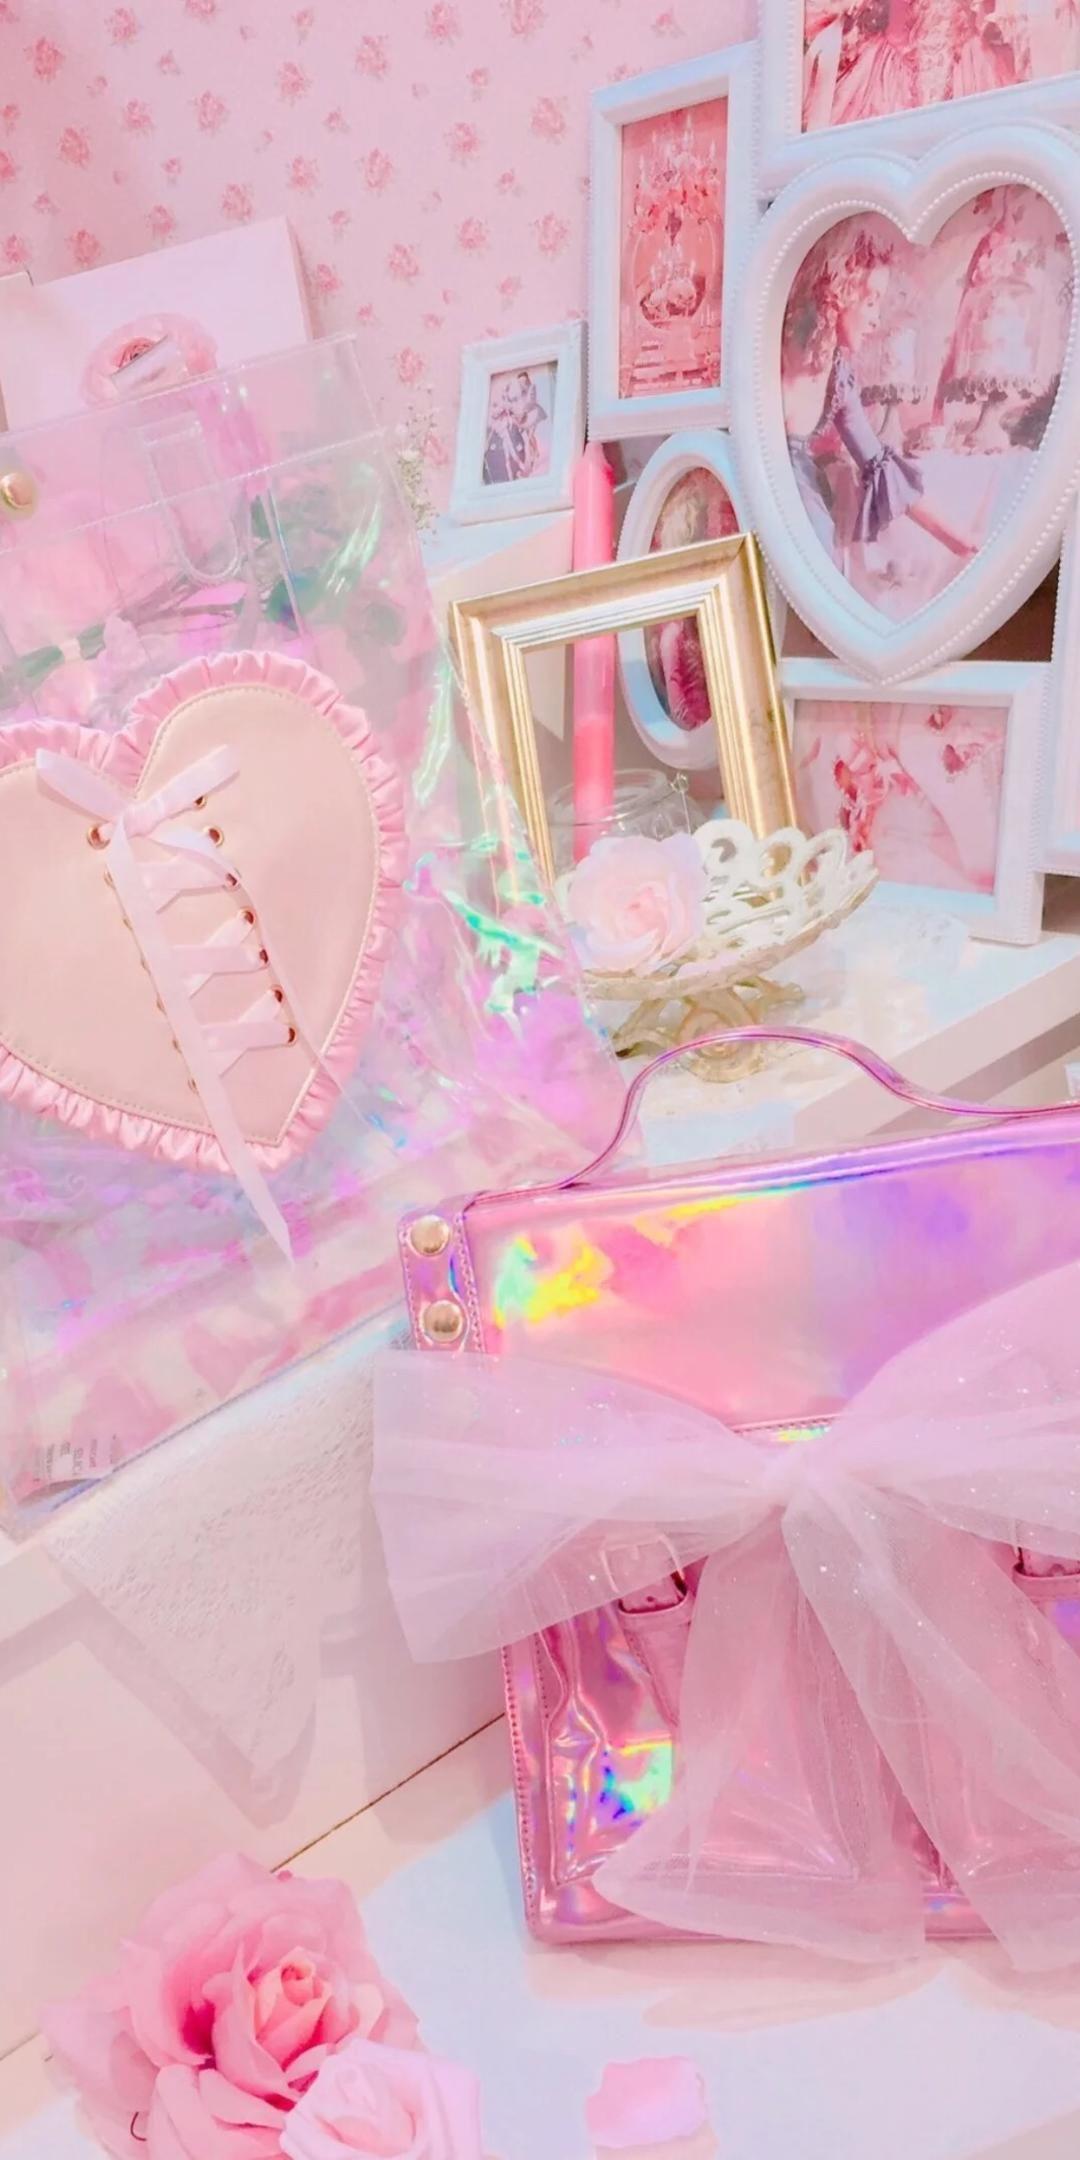 粉色系少女心手机壁纸插图65